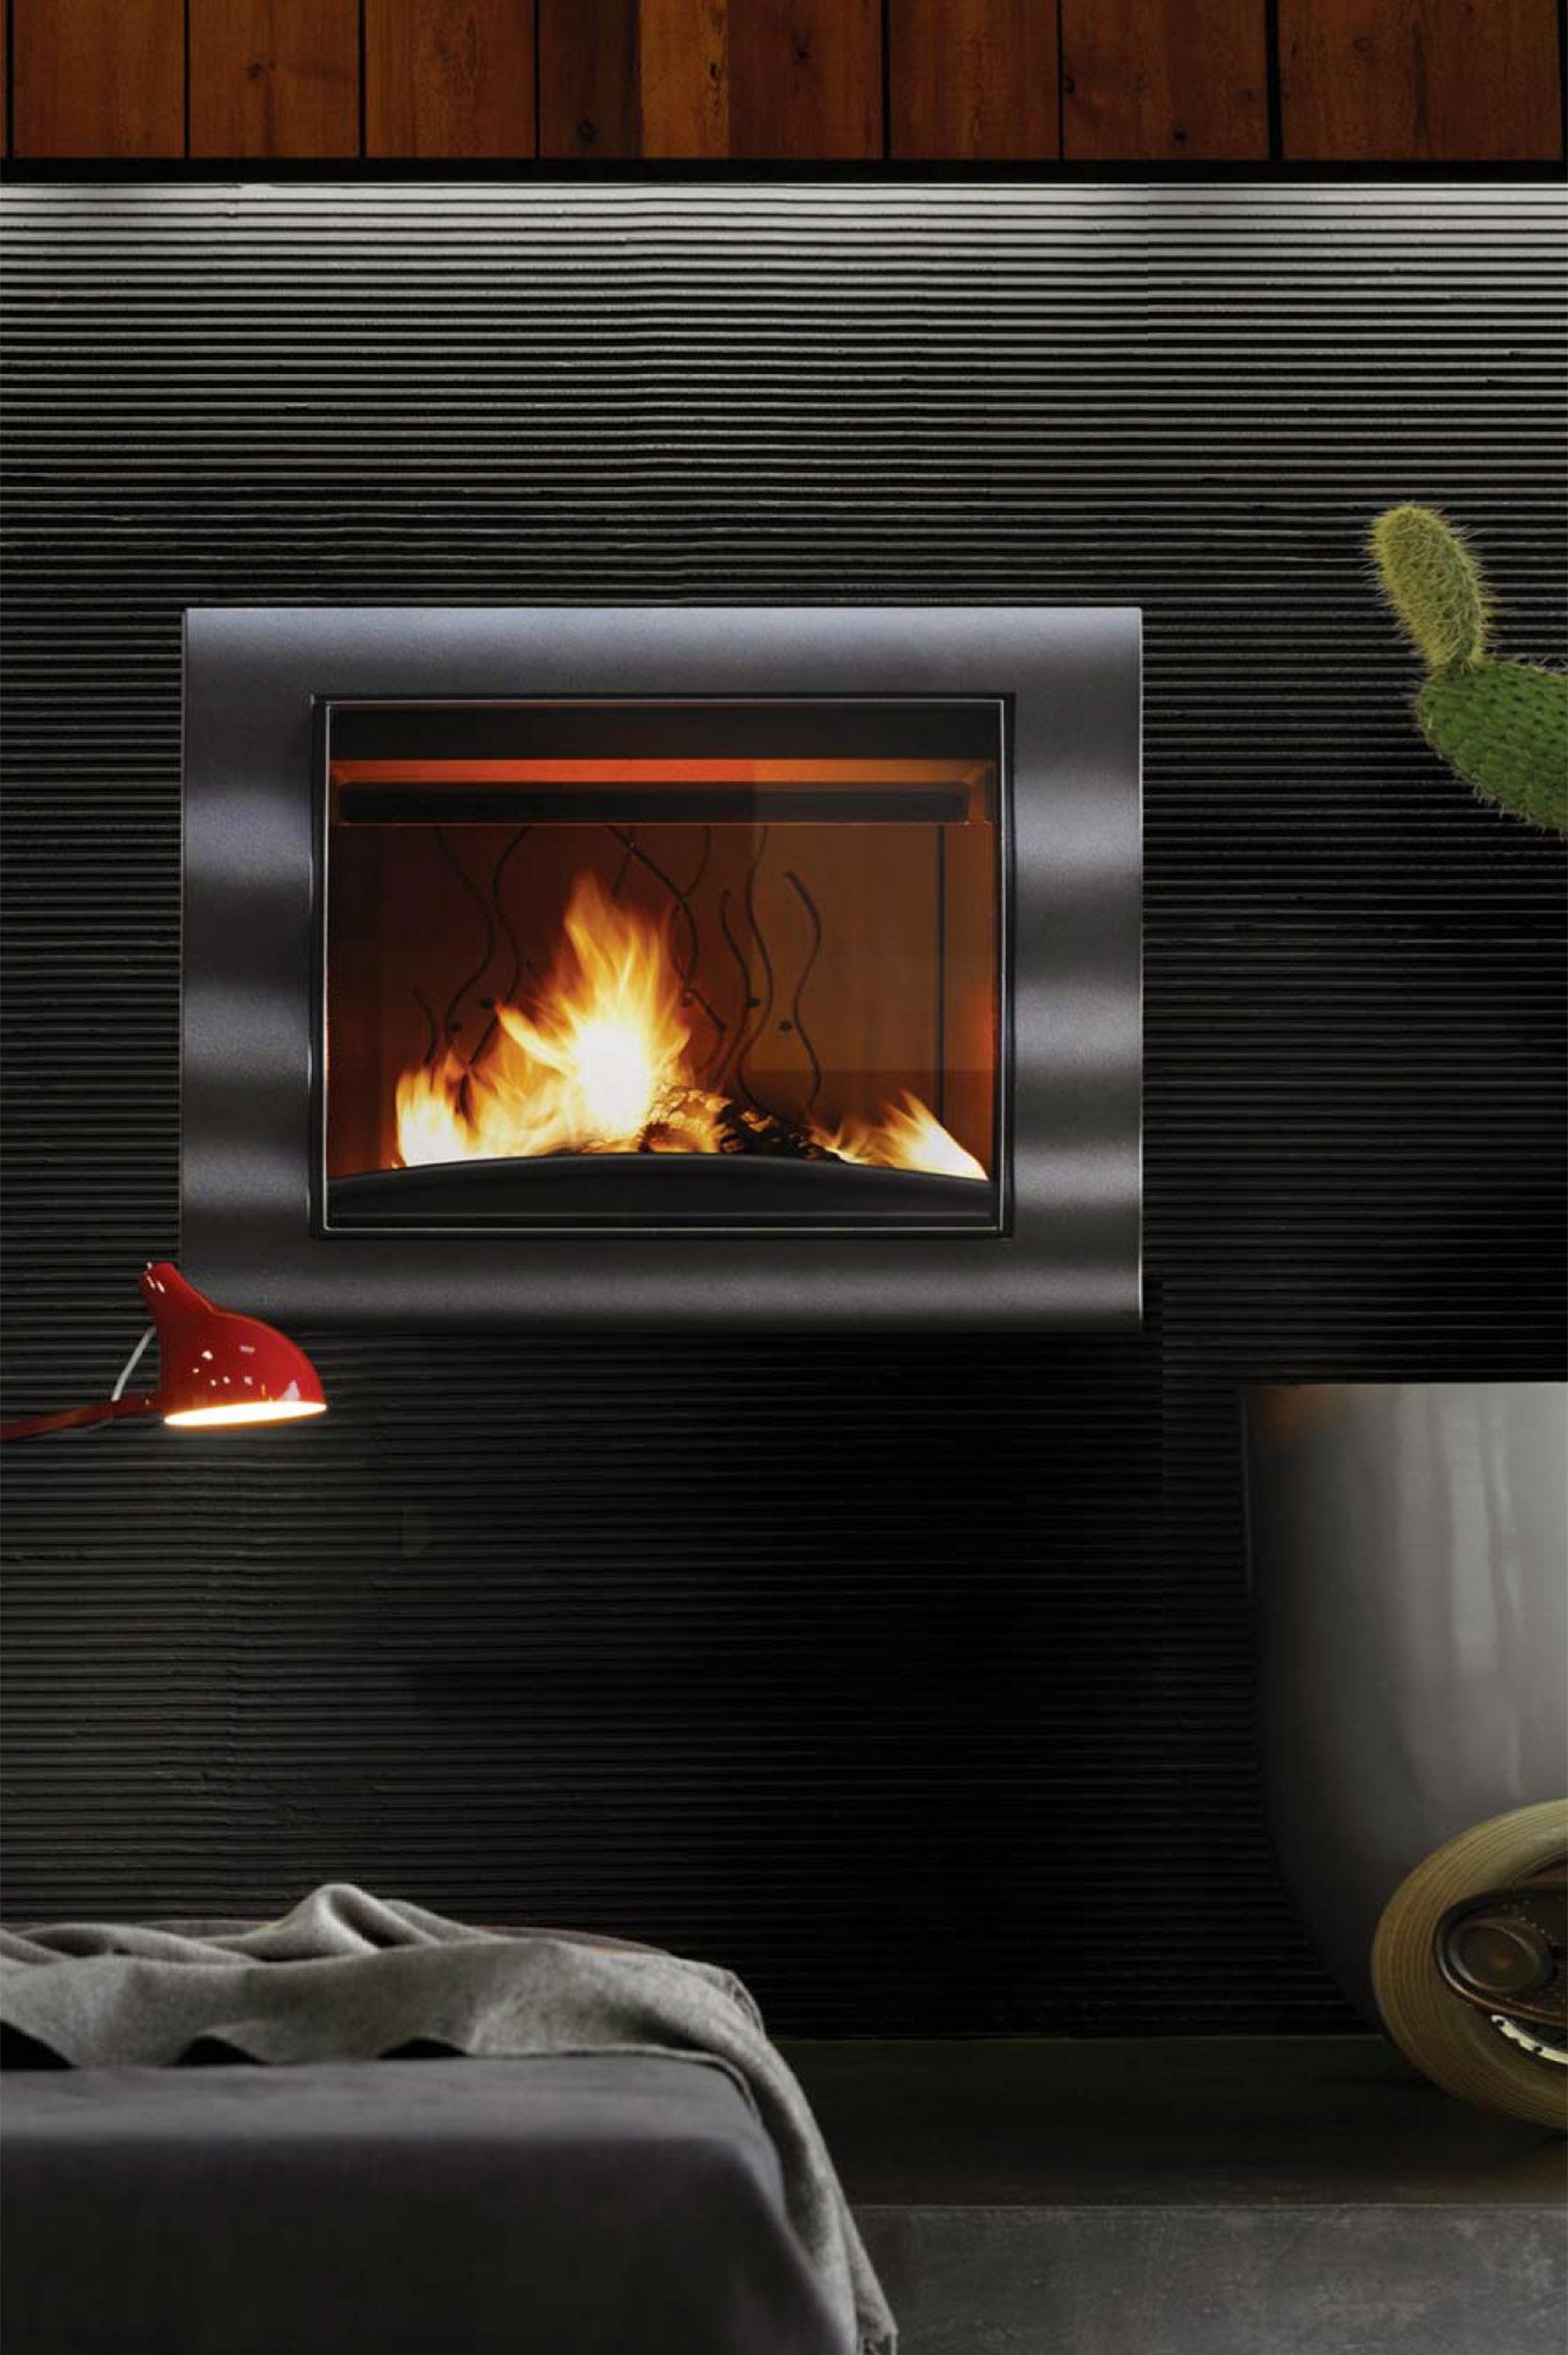 Cajón con fuego encendido en su interior para proveer calefacción en un dormitorio